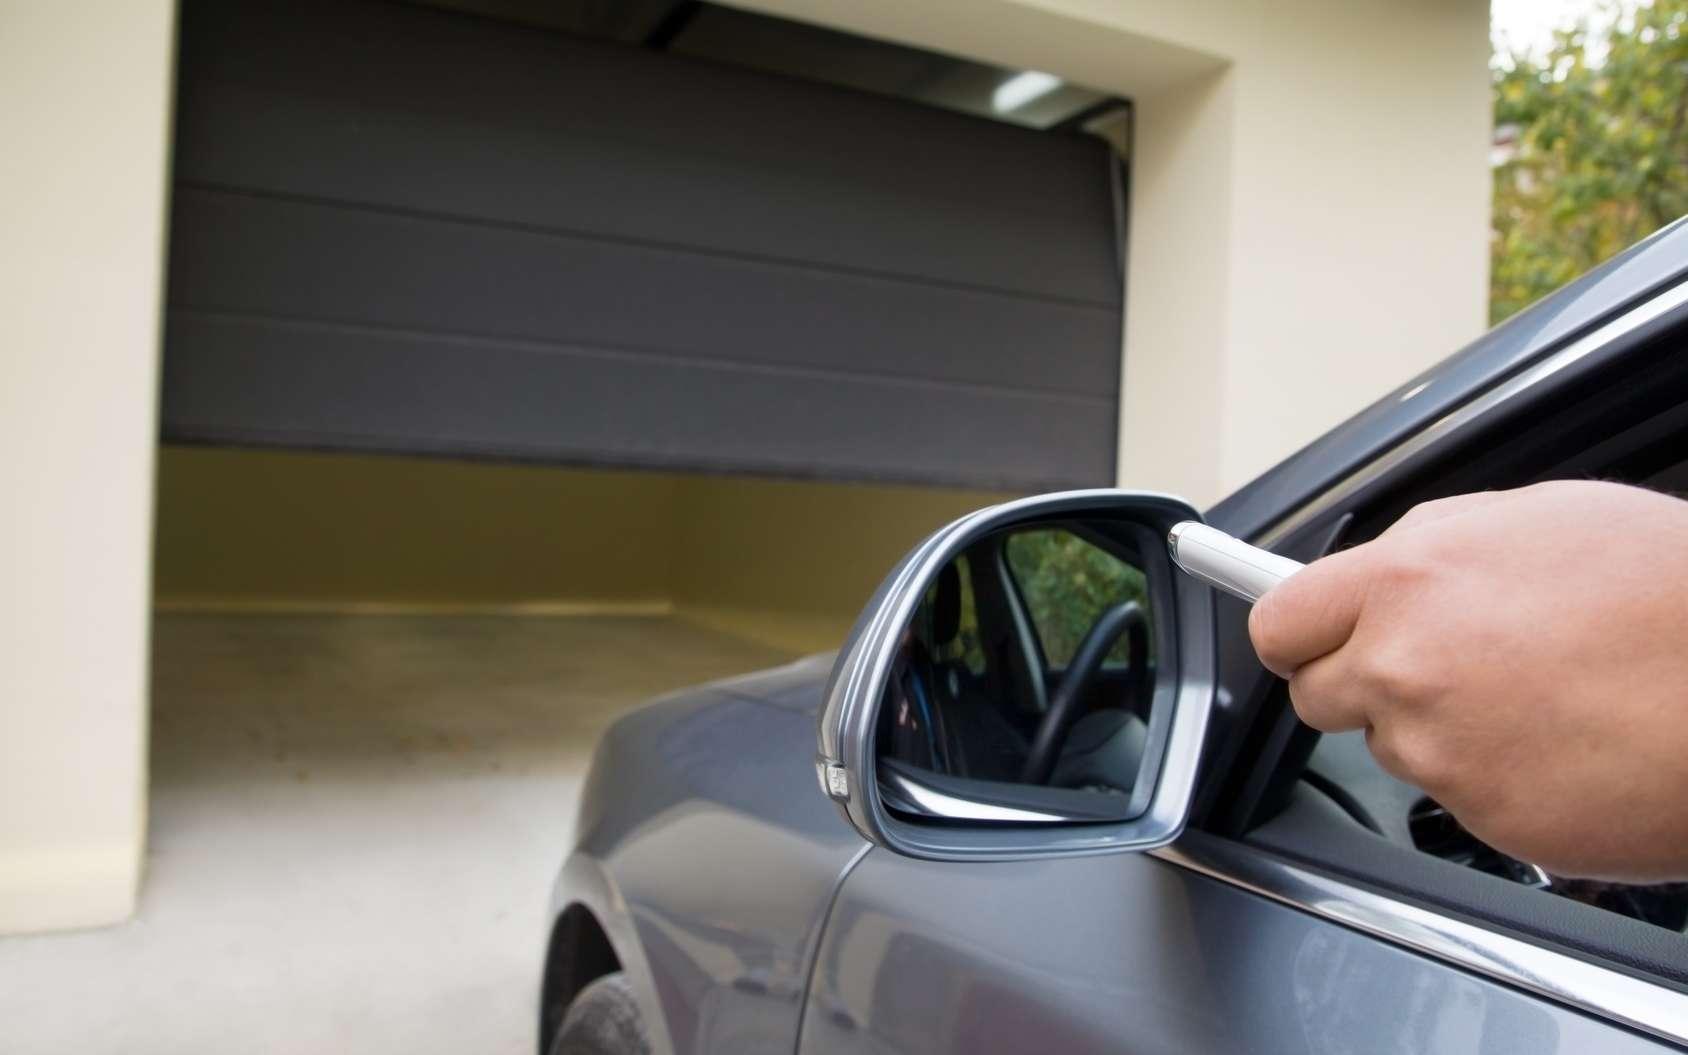 Le revêtement de sol pour un garage doit être solide et pratique. © vera7388, Fotolia